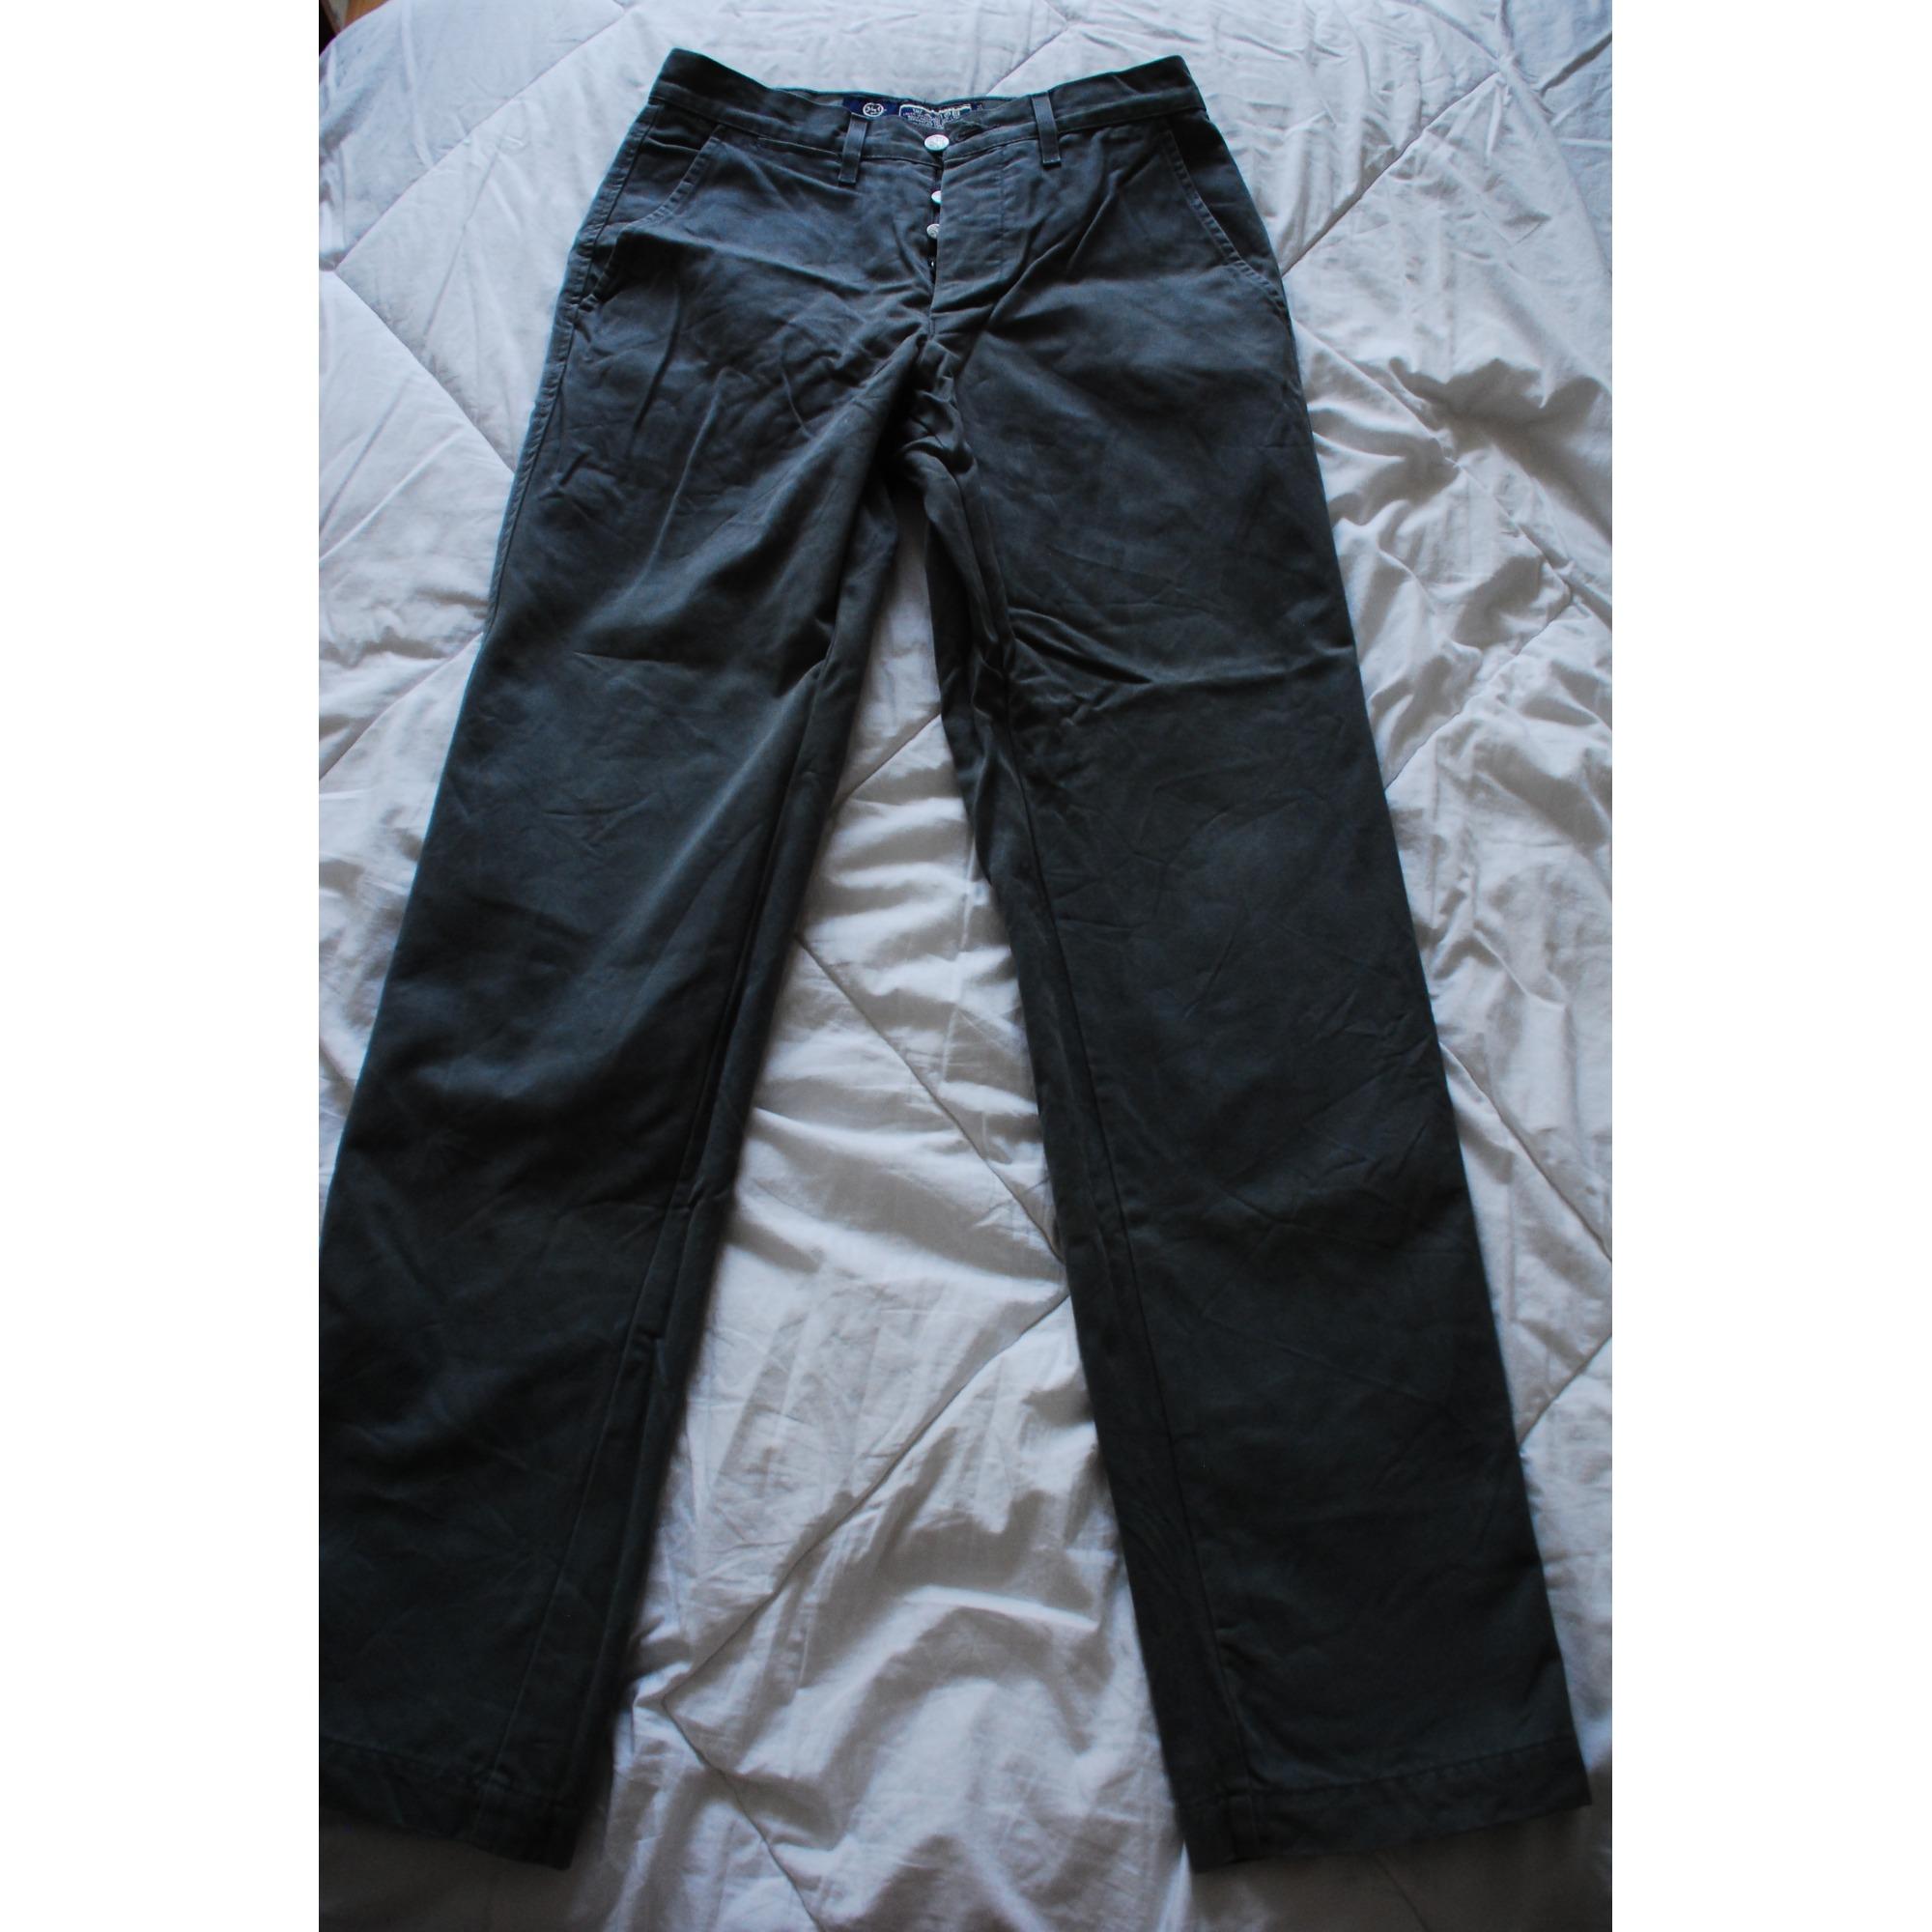 62d4271d55e Pantalon droit LEE COOPER 40 (M) gris - 2412293